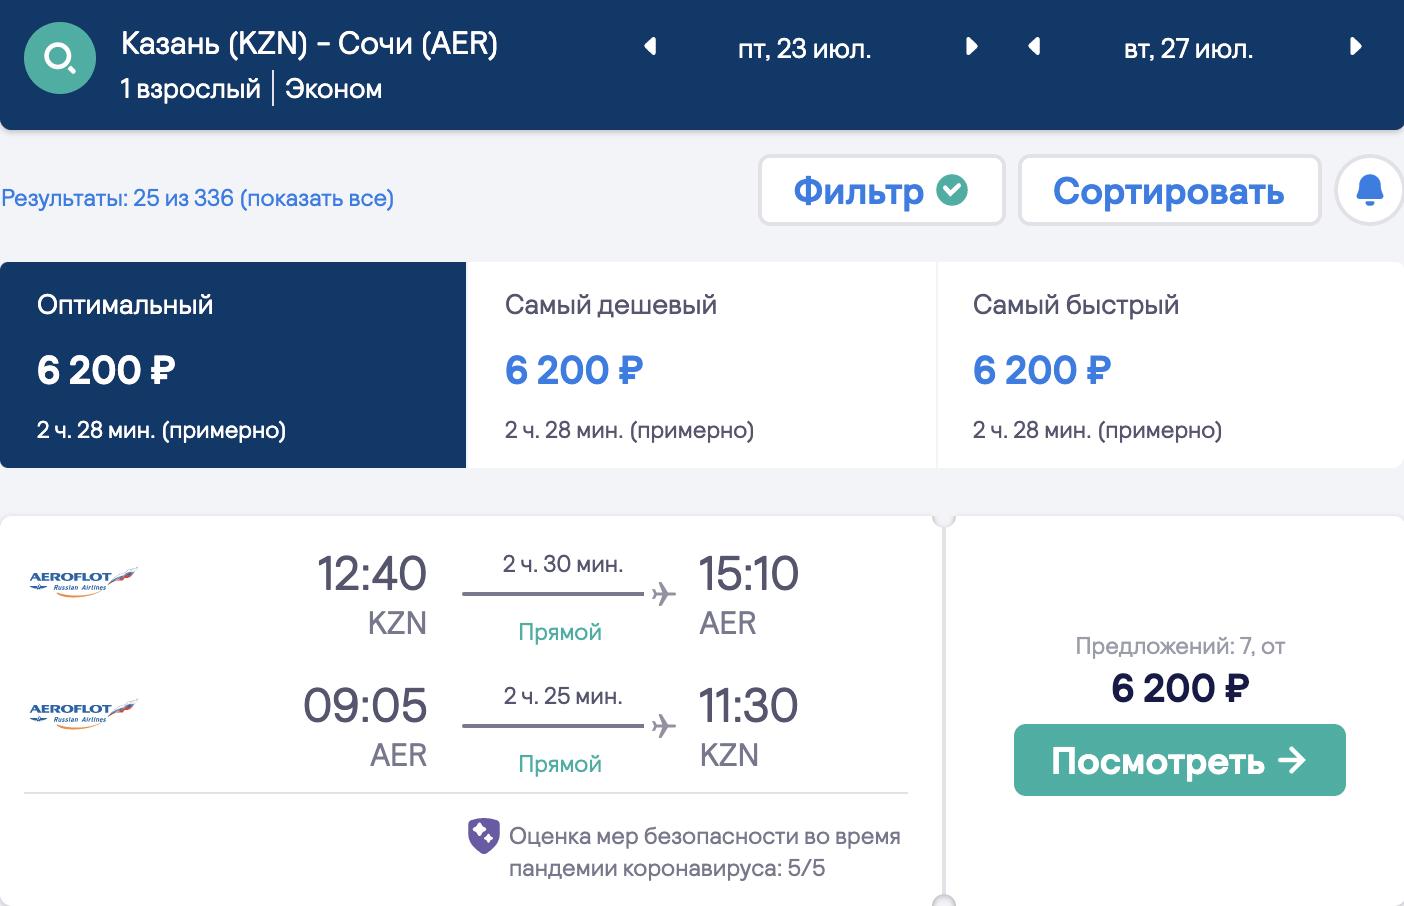 Актуально! Летим Аэрофлотом из Самары и Казани в Анапу и Сочи от 5400₽ туда-обратно